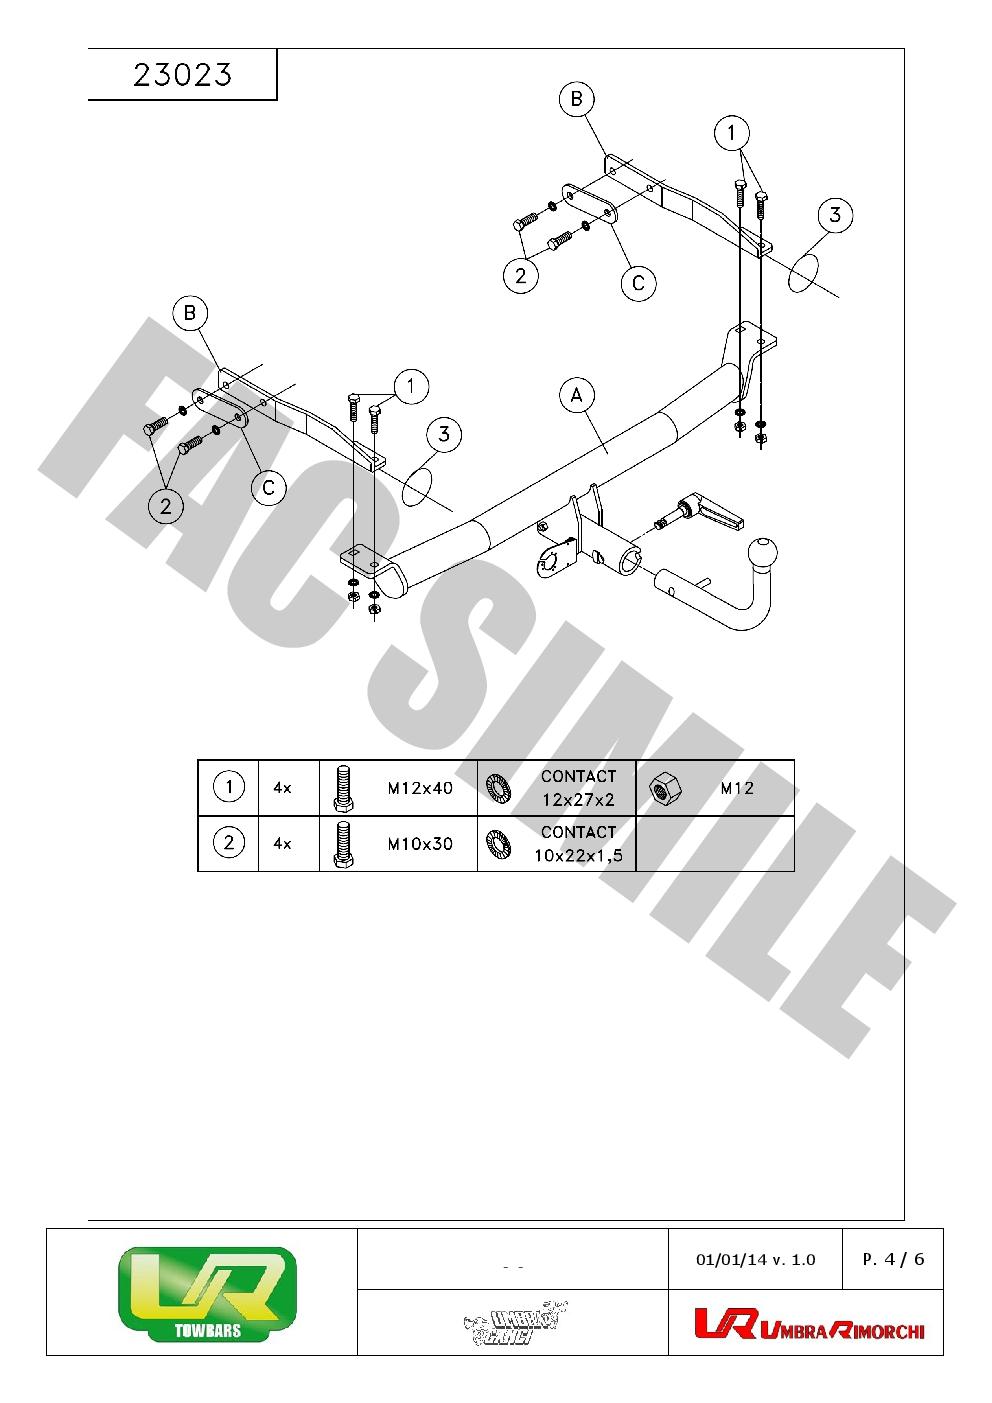 Bola Remolque Desmont Kit C2 7 pin para Mercedes E CLASS BERLINA 95-02 23023A1